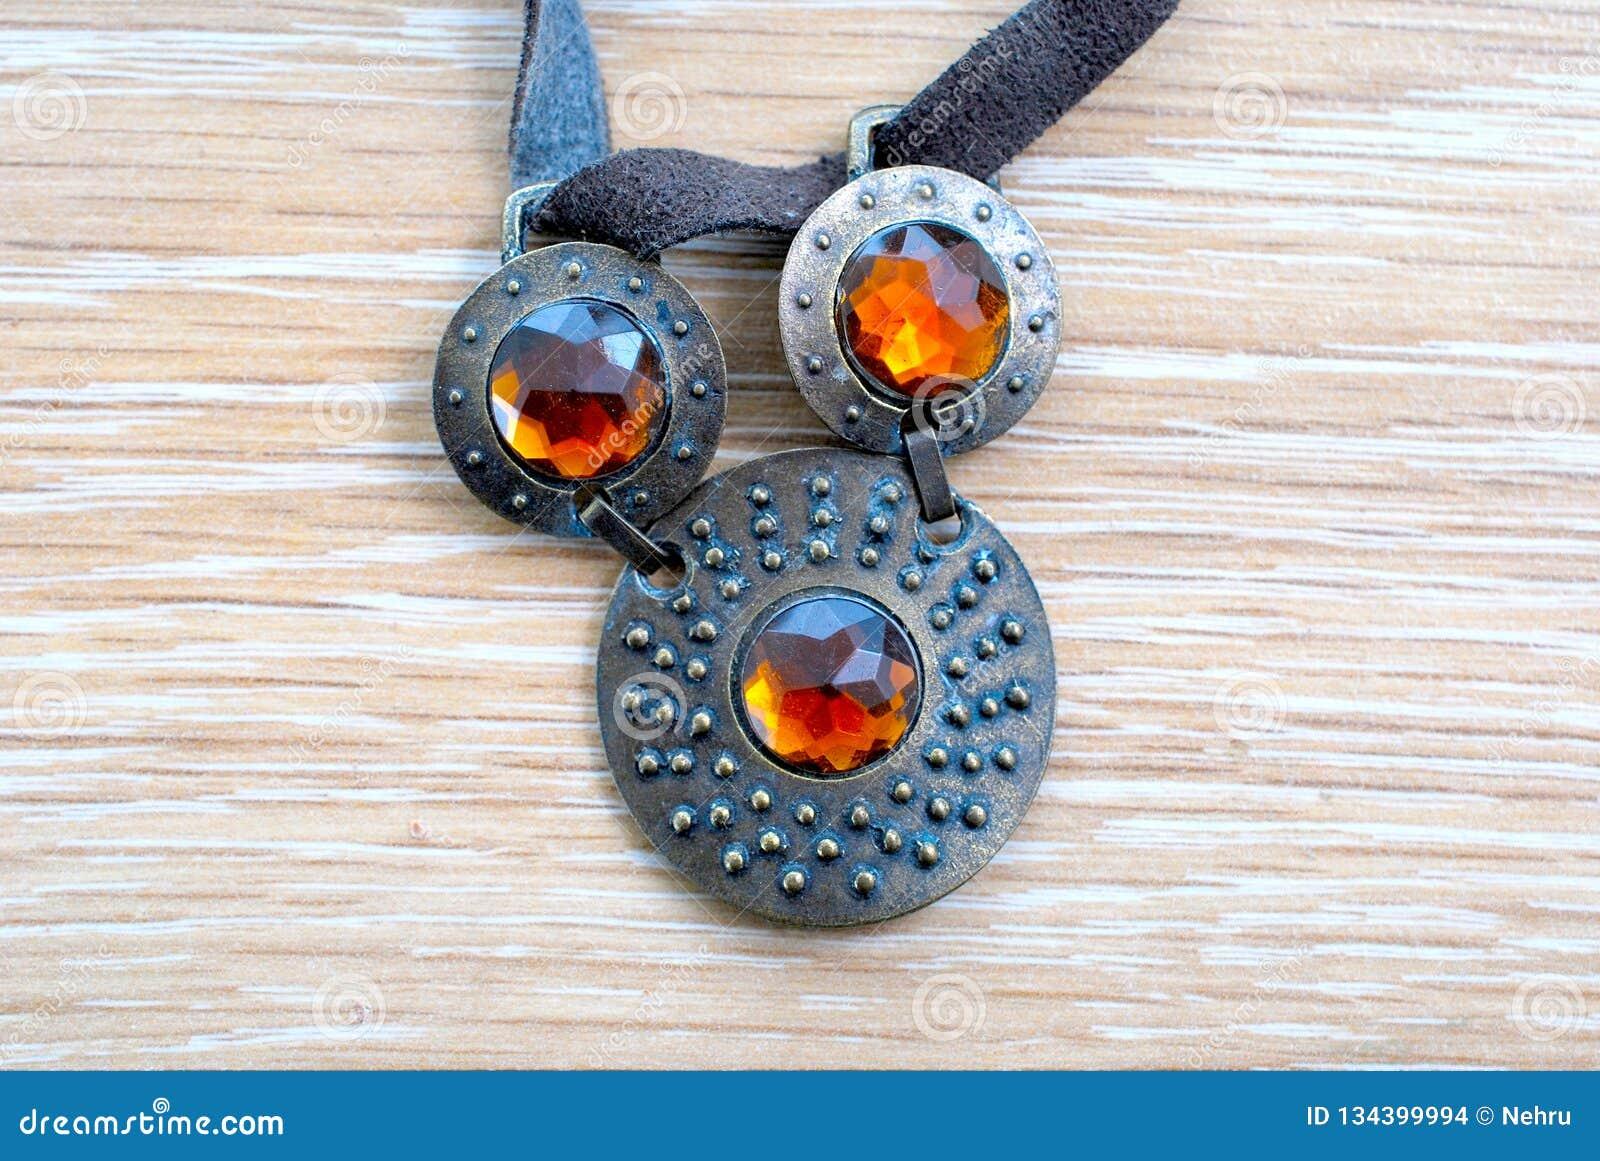 Zakurzeni rocznik kolii bijoux